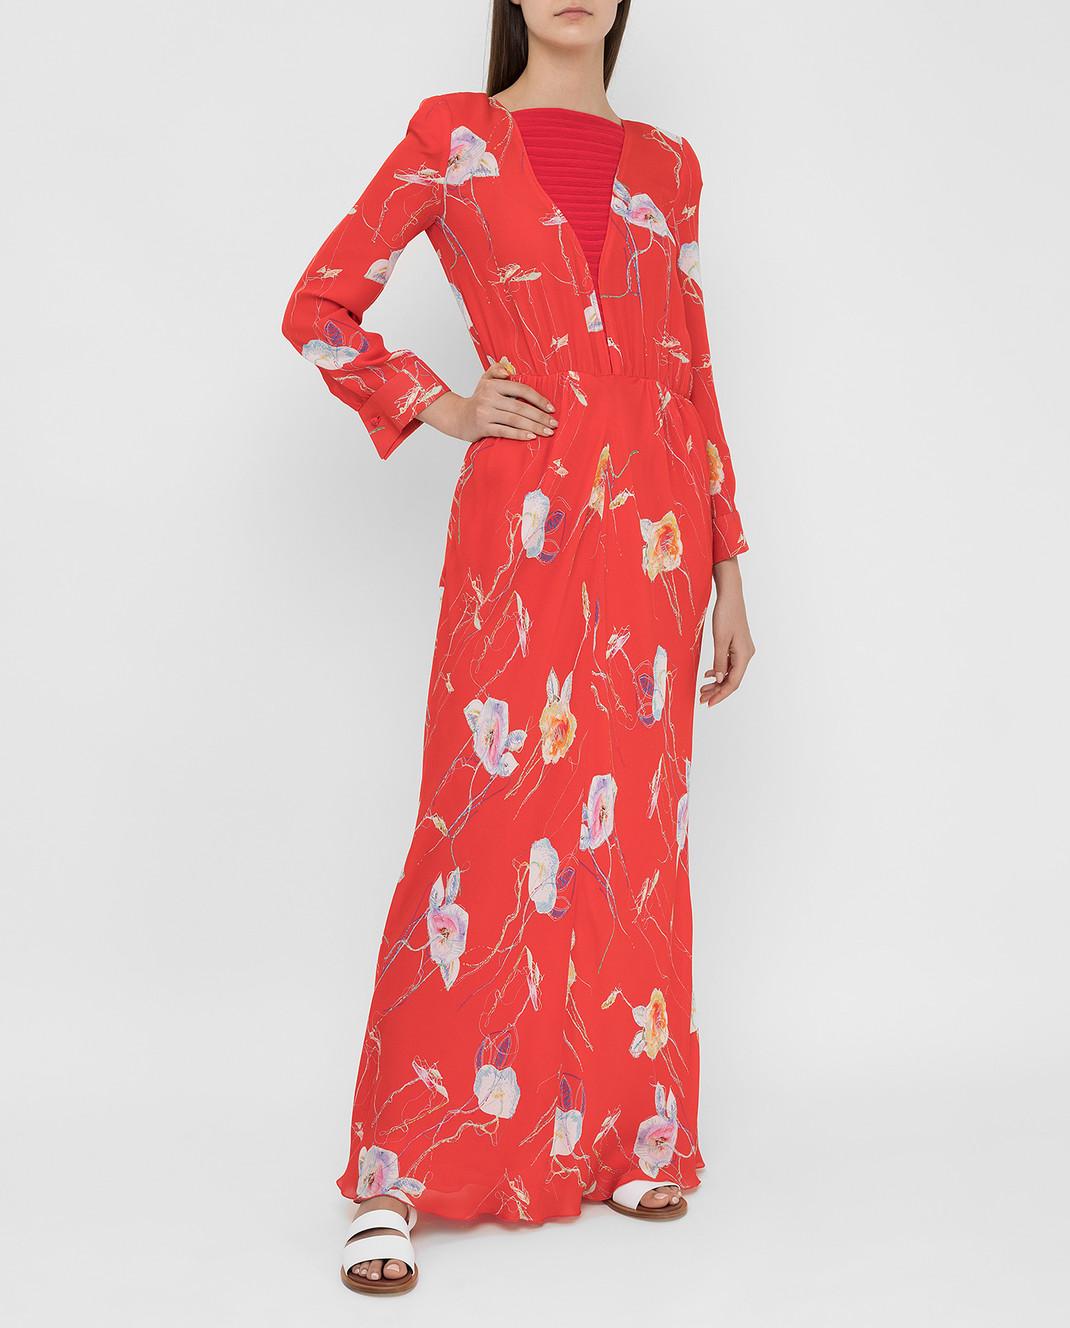 Armani Коралловое платье из шелка изображение 2